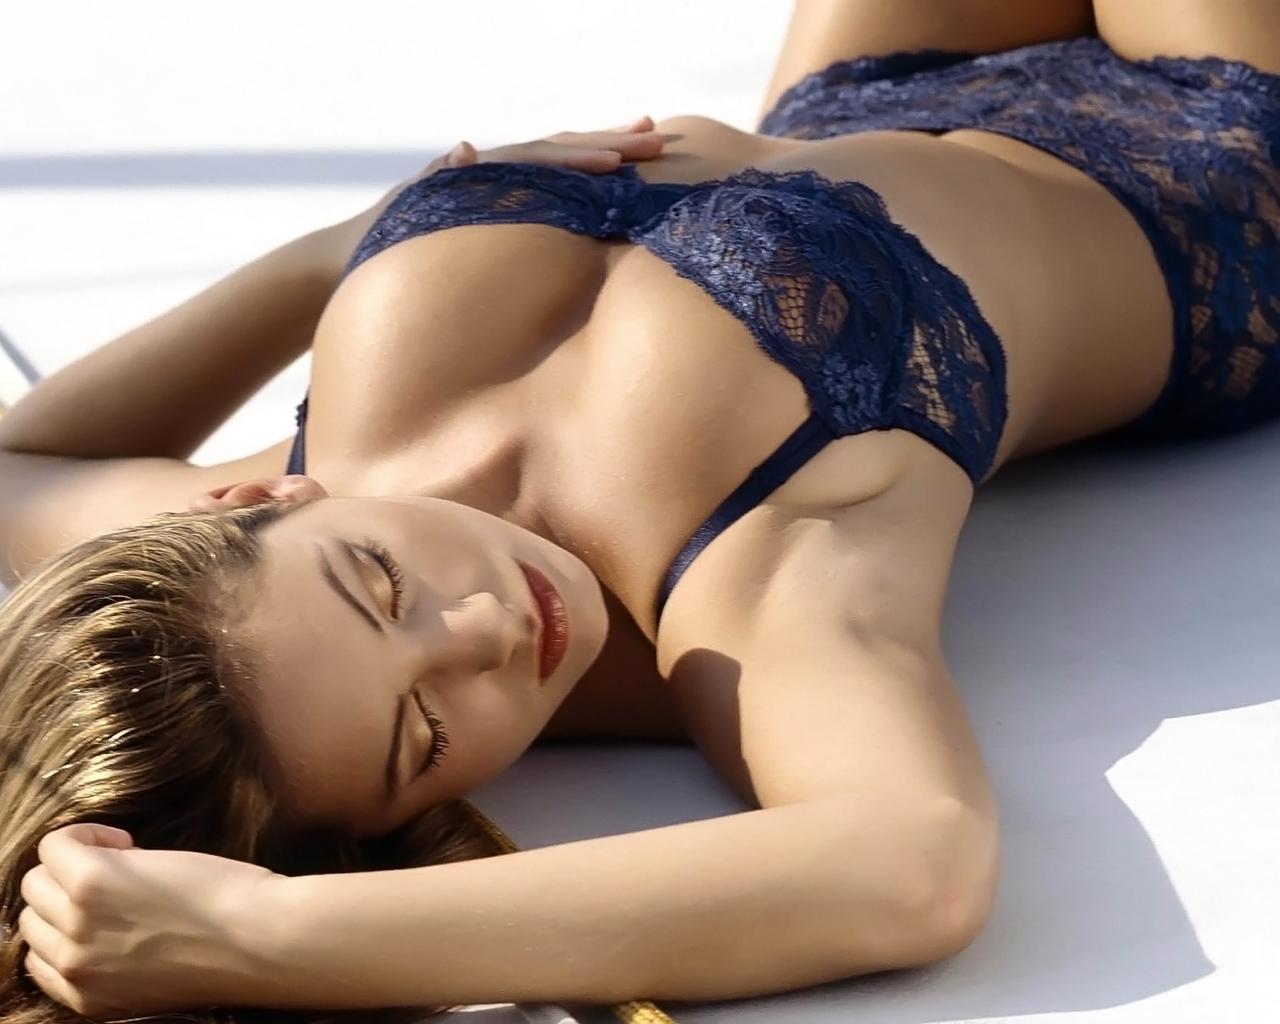 http://2.bp.blogspot.com/-n58l8YipGDY/TbpfRa75IjI/AAAAAAAAATI/lgU6lF-AzqE/s1600/Kelly-Brook.jpg